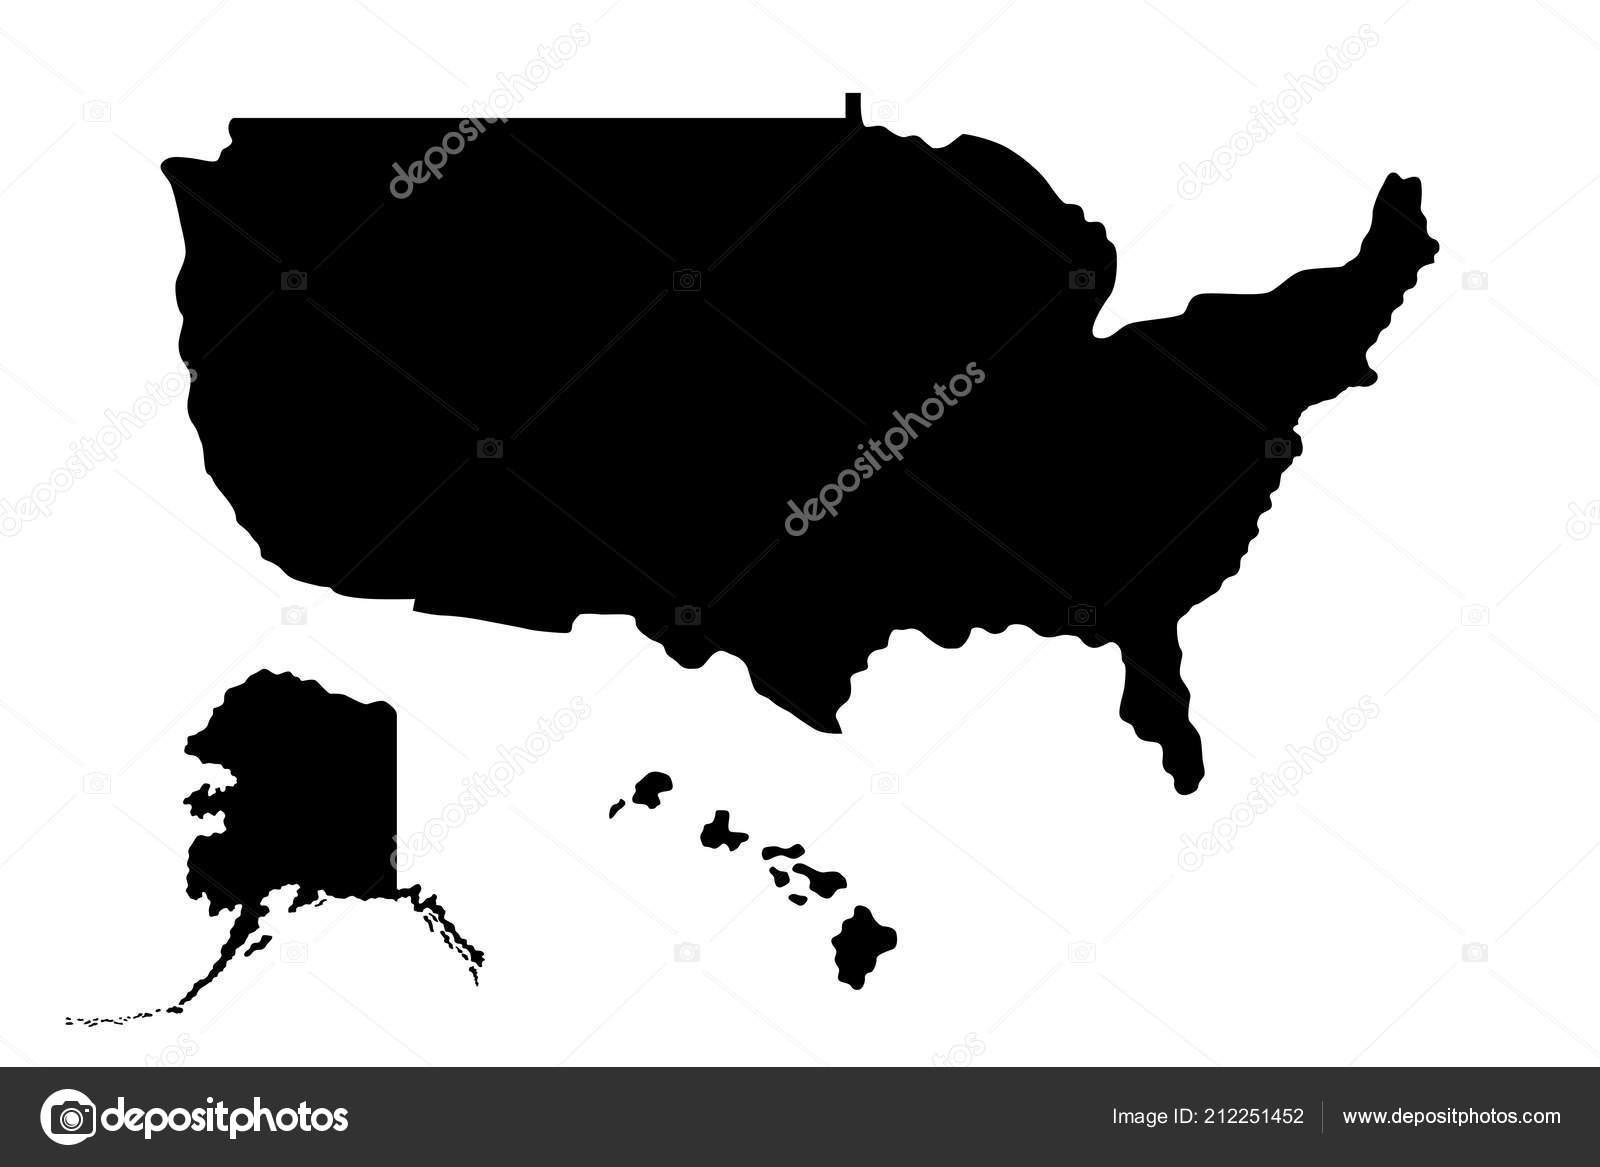 Amerika Karte Schwarz Weiß.Silhouette Der Karte Der Vereinigten Staaten Von Amerika Usa Mit